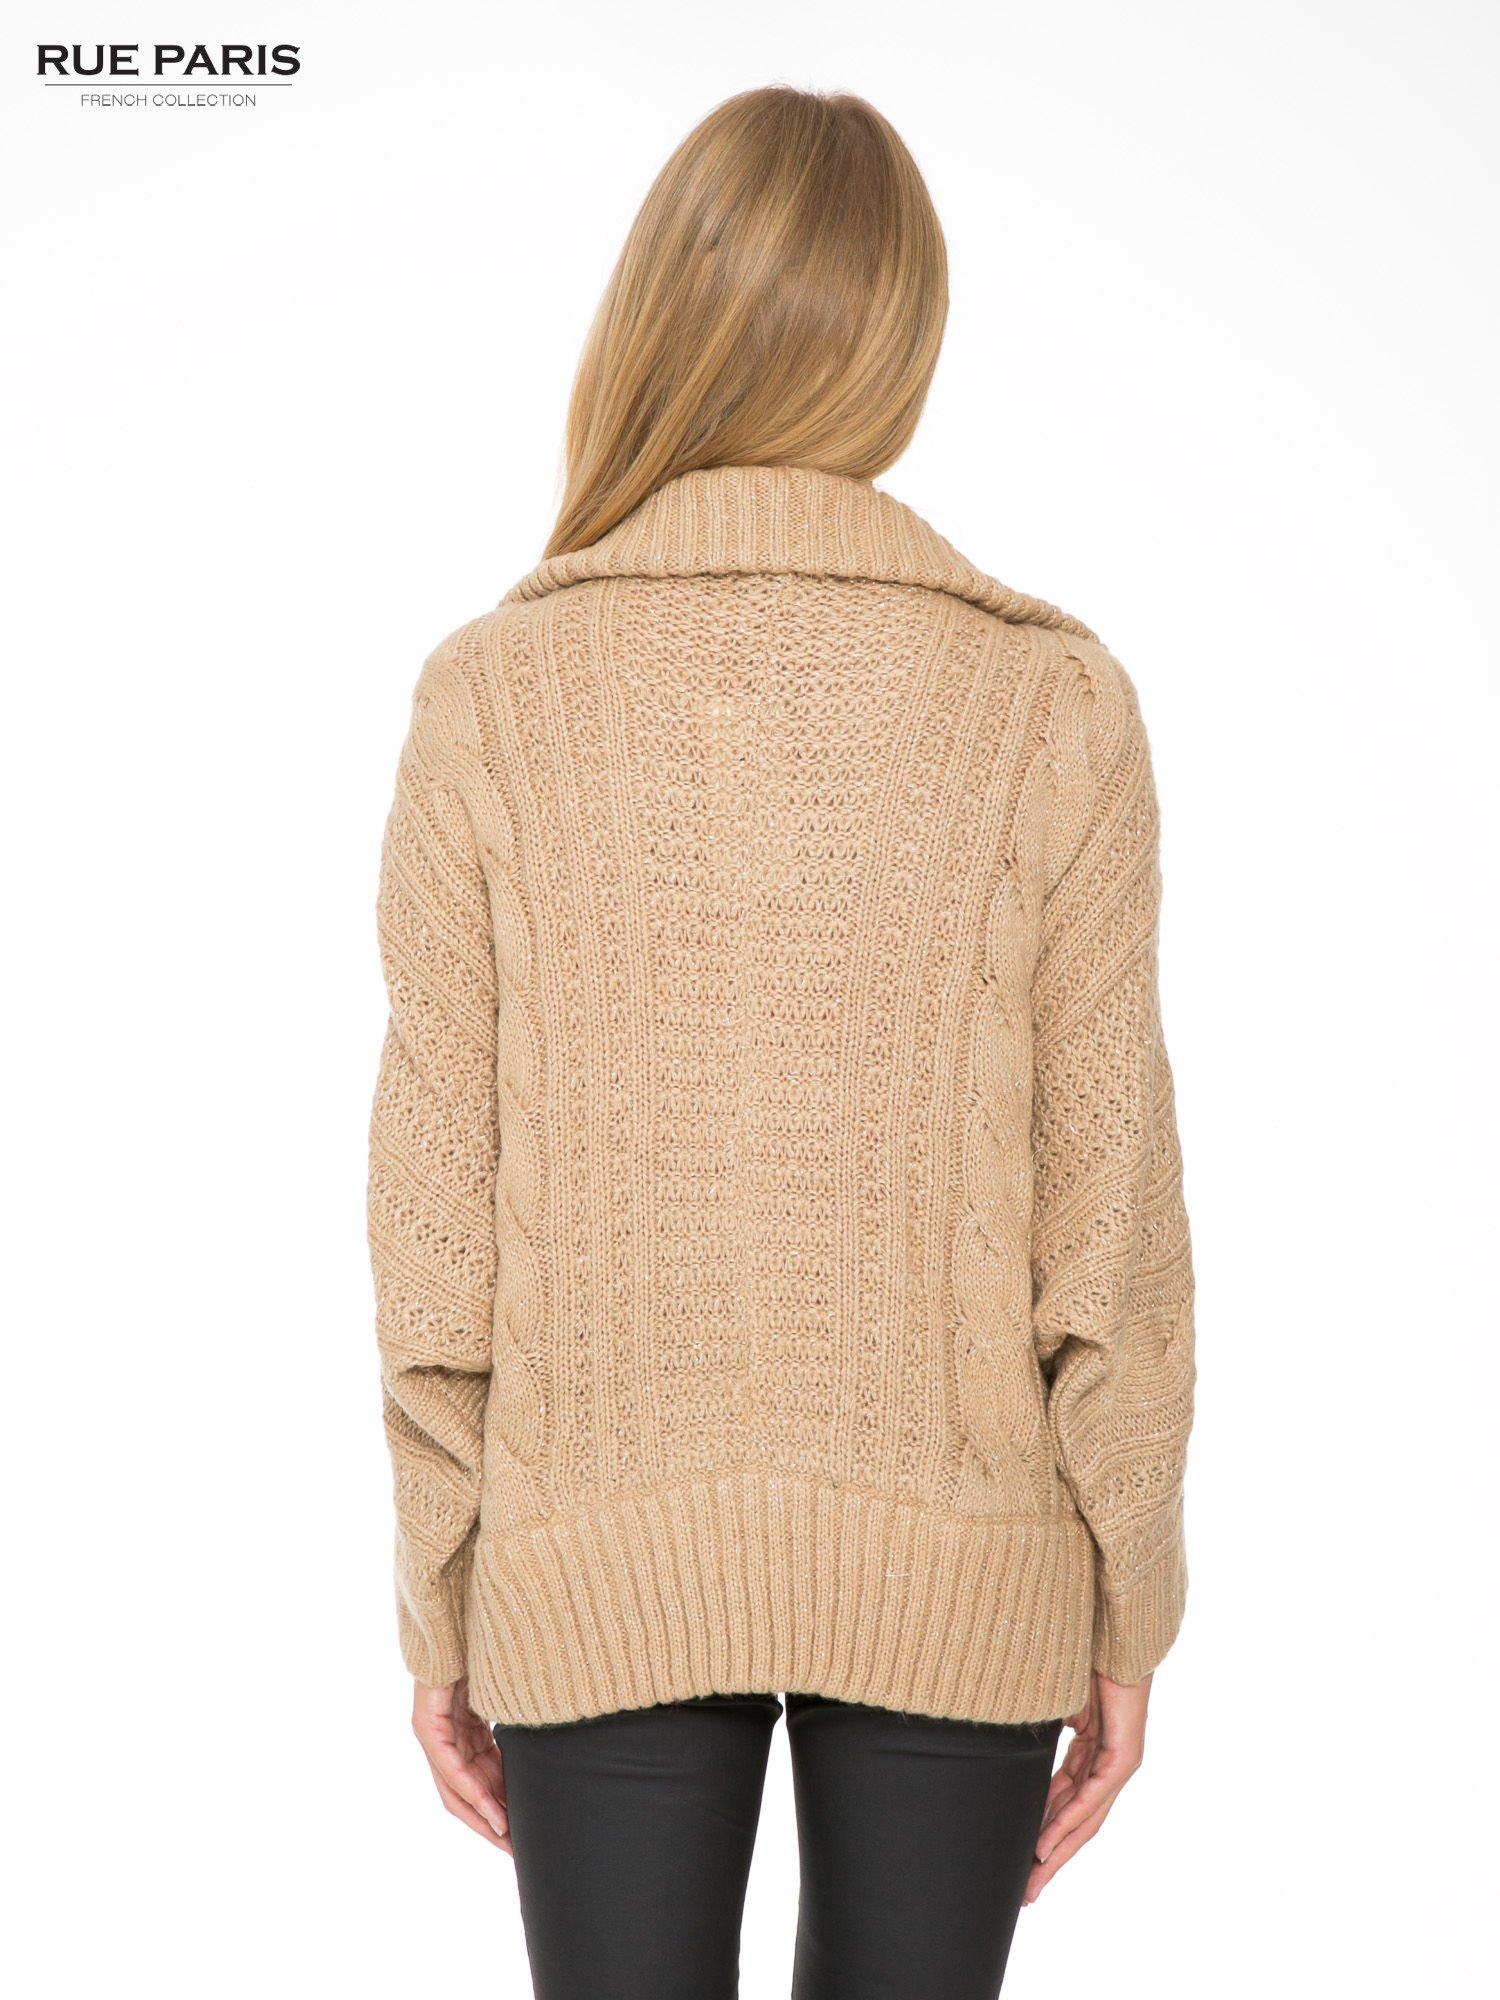 Beżowy dziergany sweter typu kardigan przeplatany błyszczącą nicią                                  zdj.                                  4